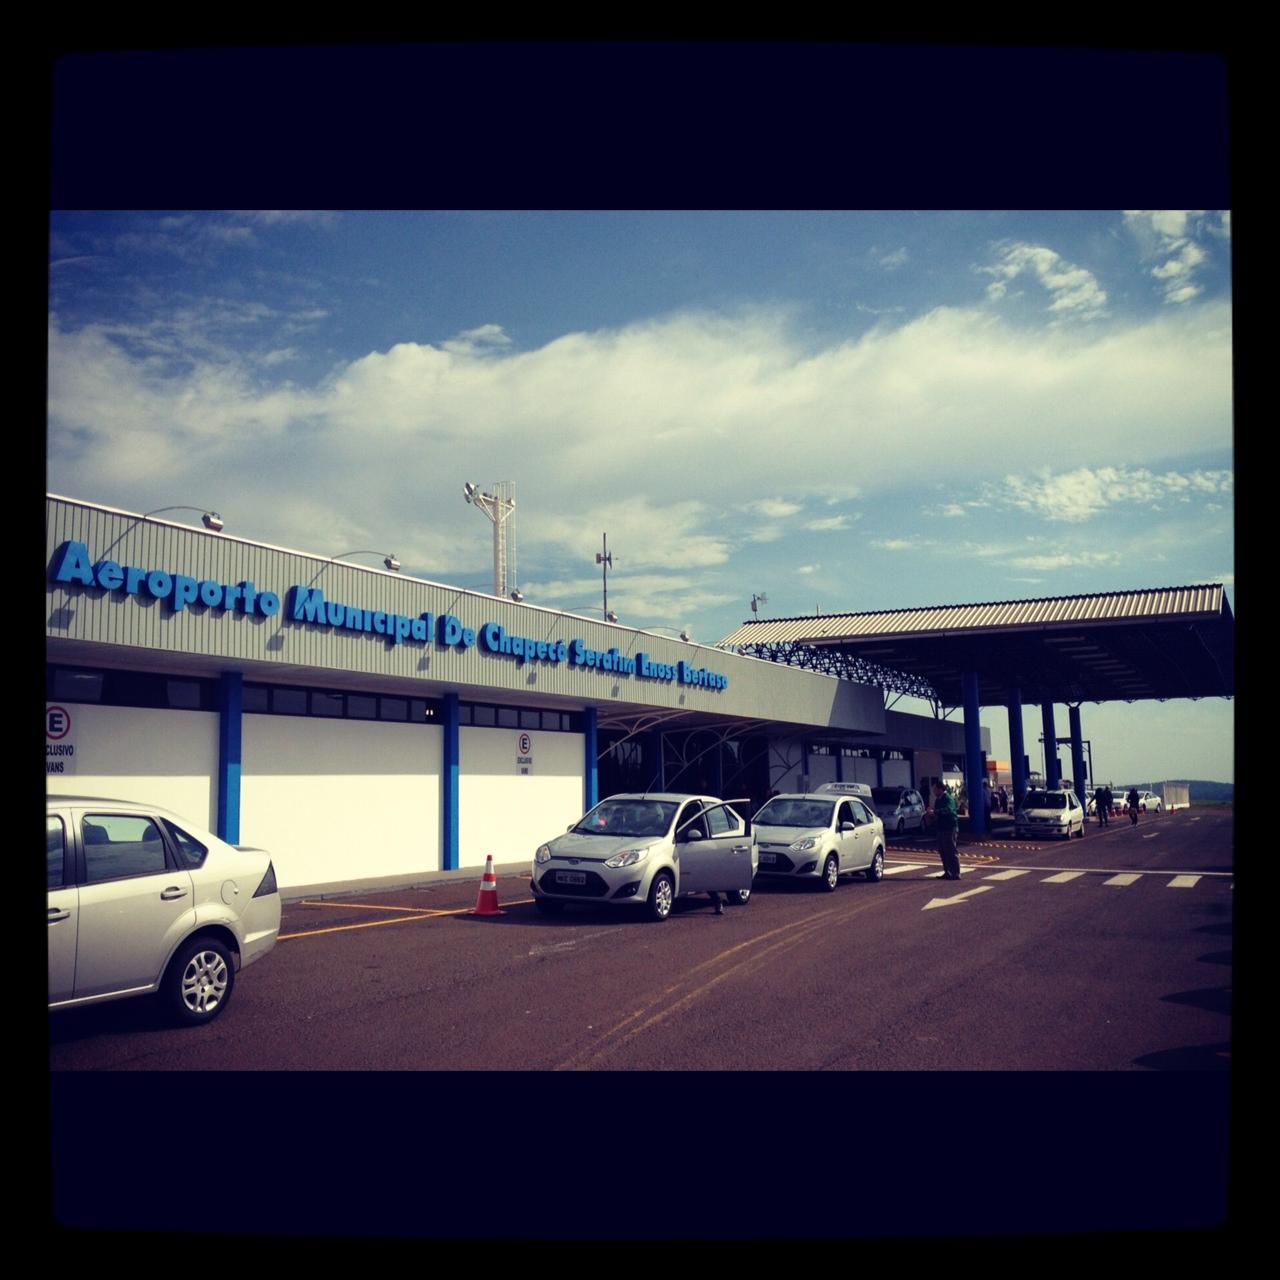 Aeroporto Em Sc : Contando as horas arquivos aeroporto de chapecó sc